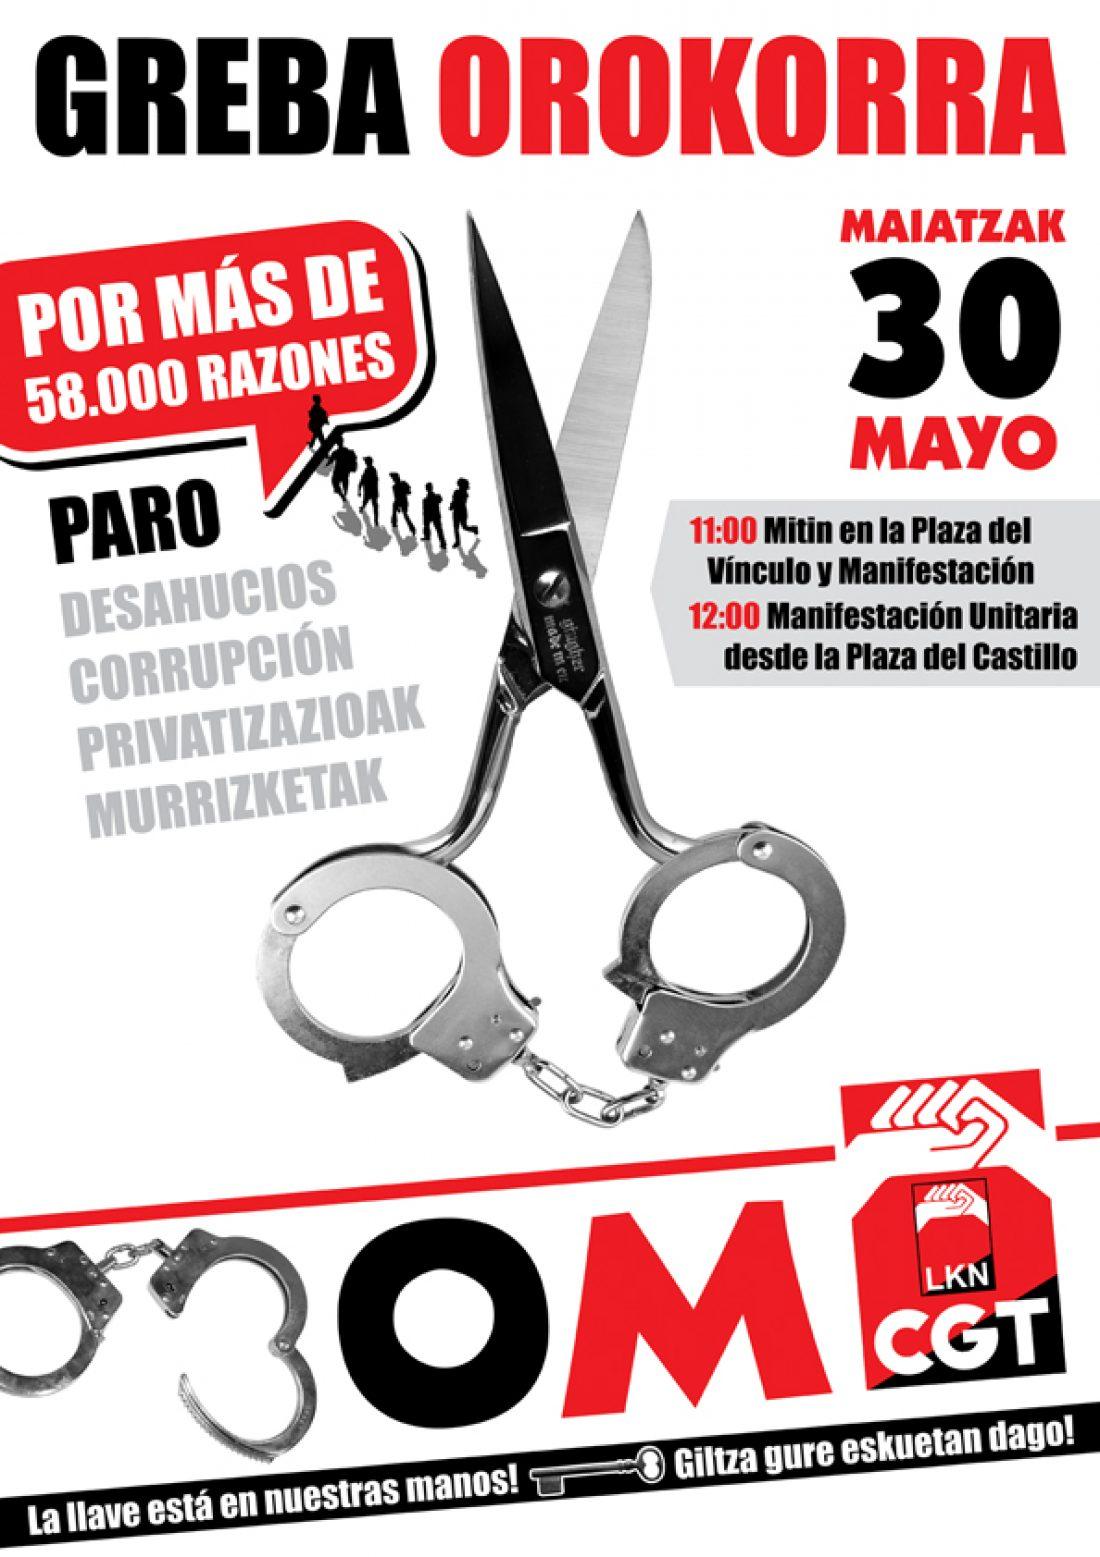 CGT-LKN Convoca Huelga General en Euskadi para el próximo 30 de Mayo